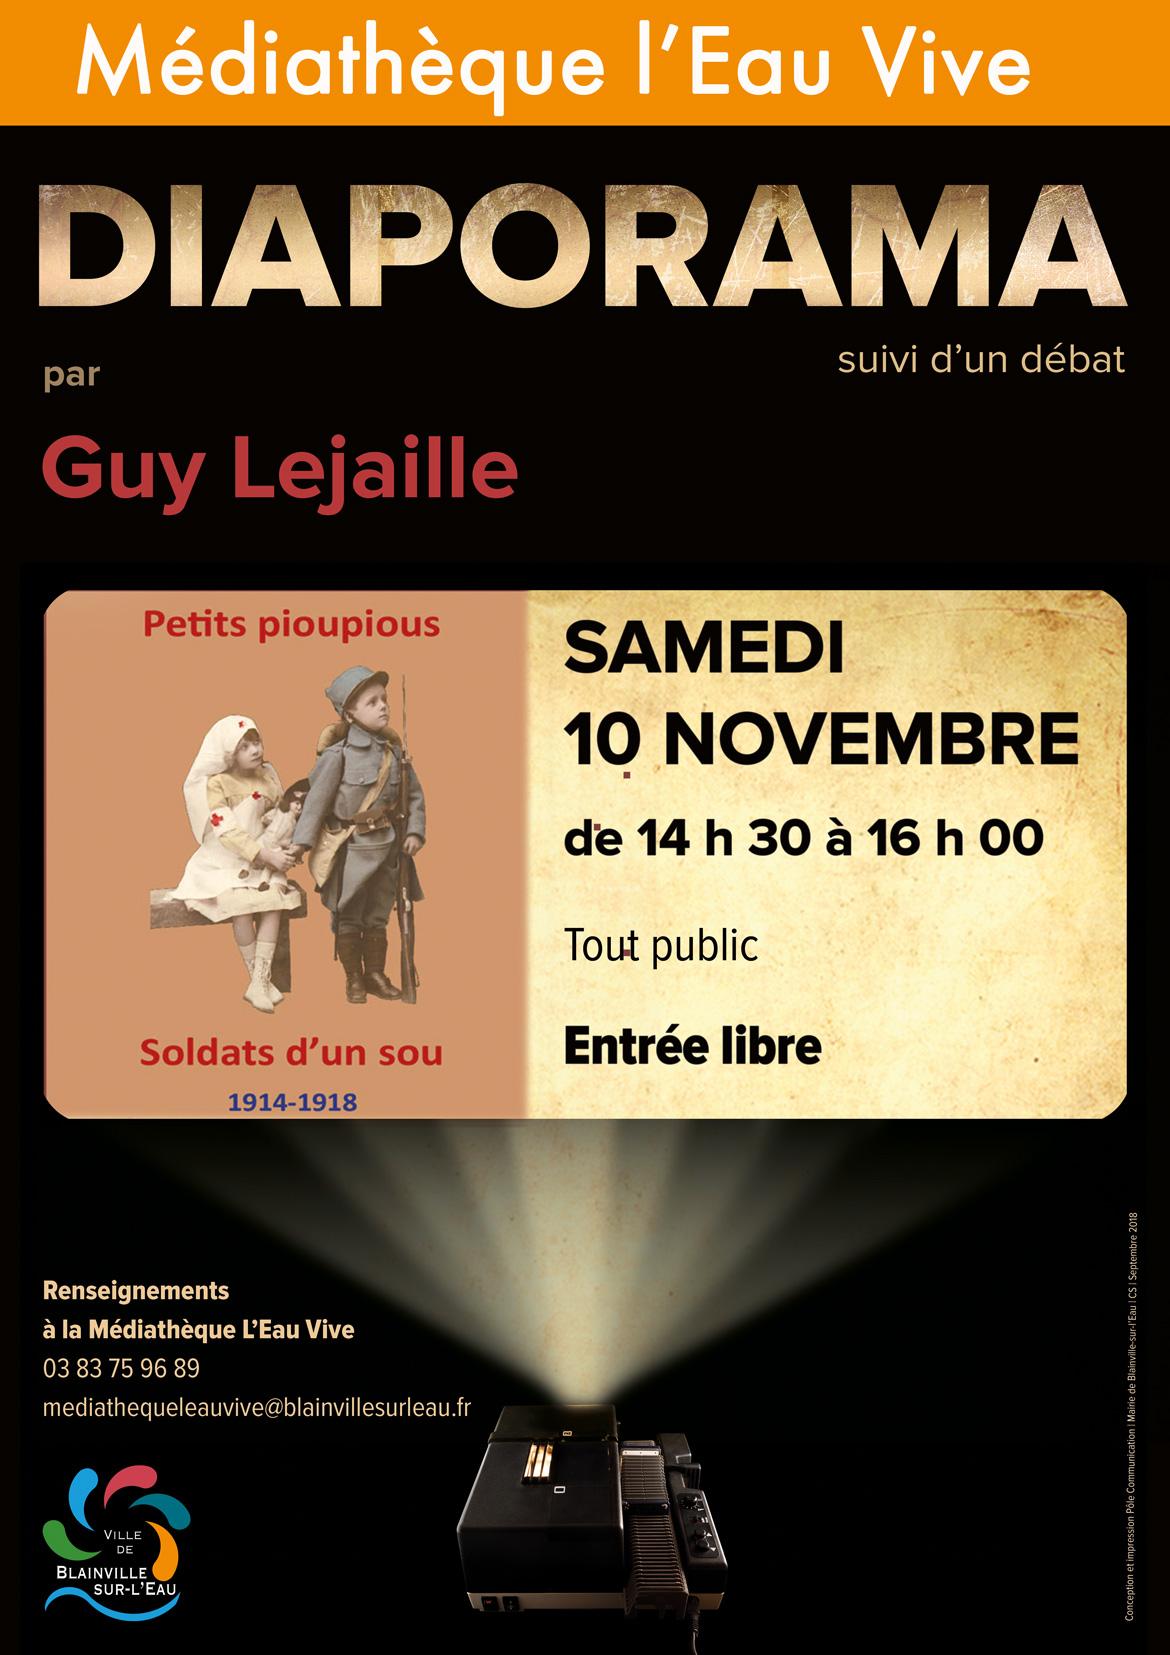 Mediatheque diaporama